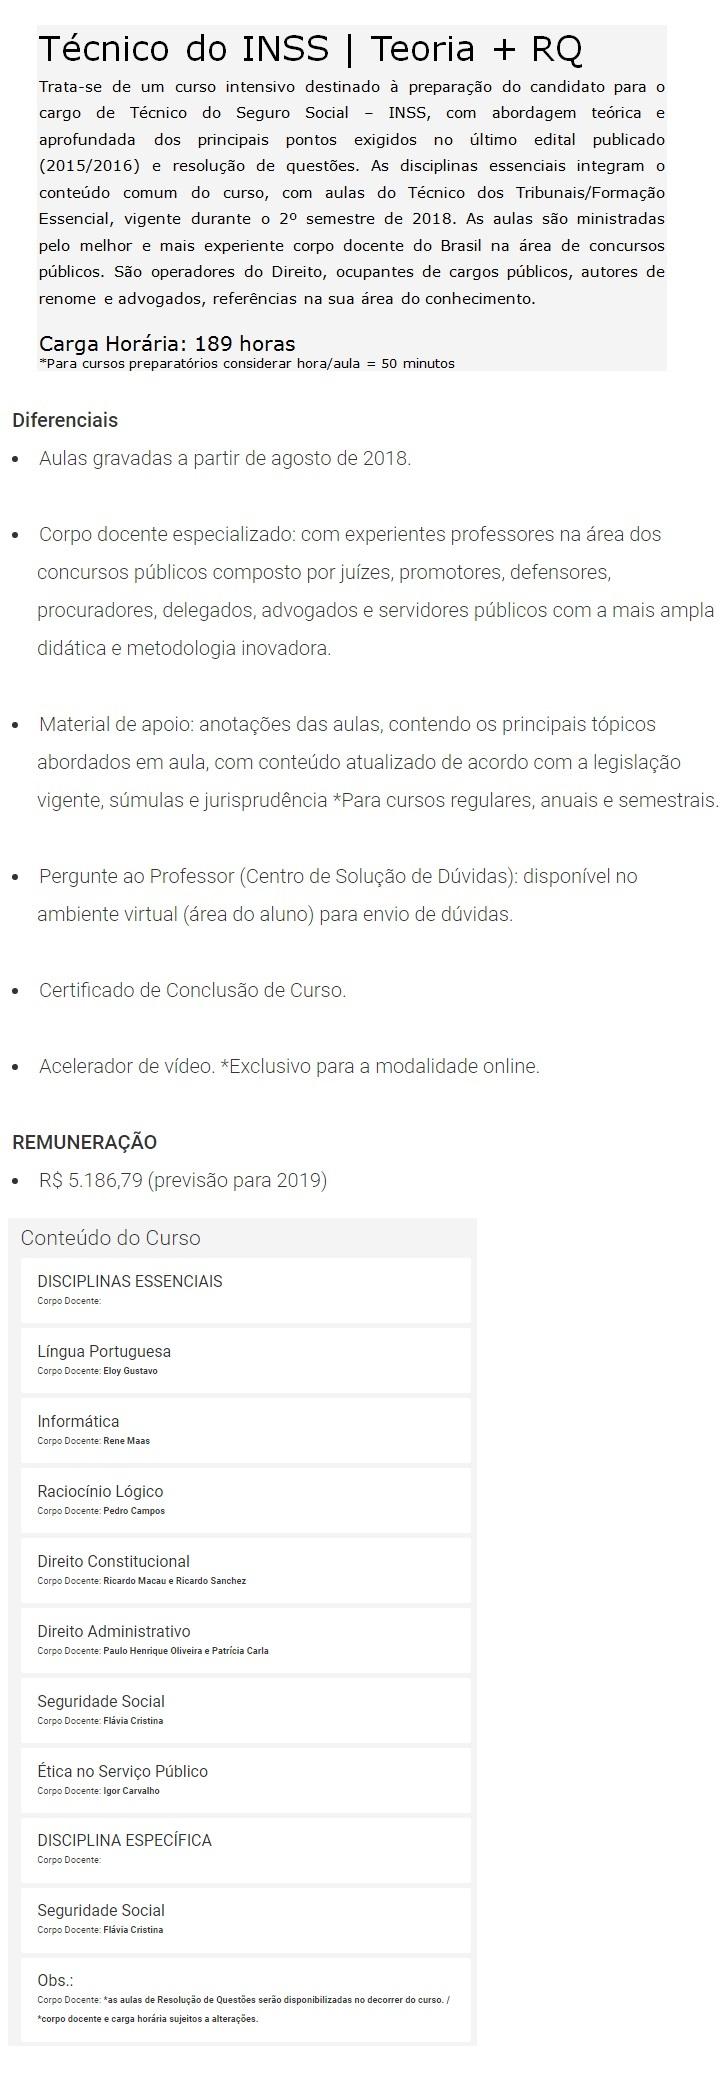 INSS Técnico do Seguro Social (Teoria + Questões) - DAMÁSIO 2019 4